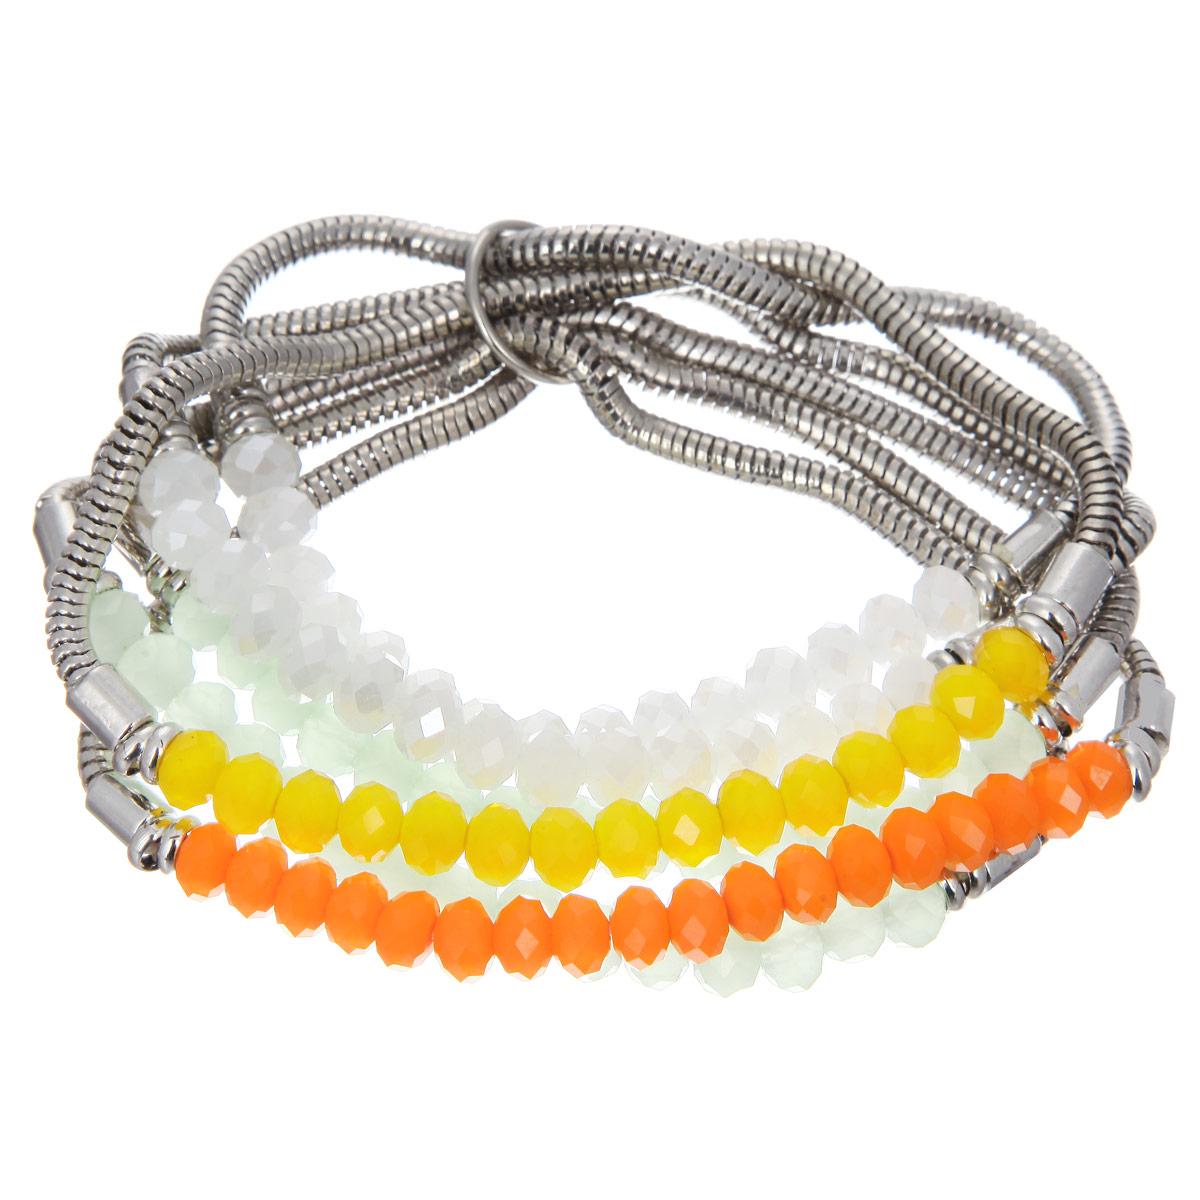 Браслет Taya, цвет: белый, зеленый, оранжевый, желтый. T-B-8293-BRAC-MULTI - TayaT-B-8293-BRAC-MULTIСтильный женский браслет Taya выполнен в виде шести цепочек из ювелирного сплава, которые дополнены вставками из эластичной резинки с нанизанными на нее гранеными бусинами из стекла. Благодаря эластичной вставке изделие идеально разместиться на запястье. Такой браслет позволит вам с легкостью воплотить самую смелую фантазию и создать собственный неповторимый образ.